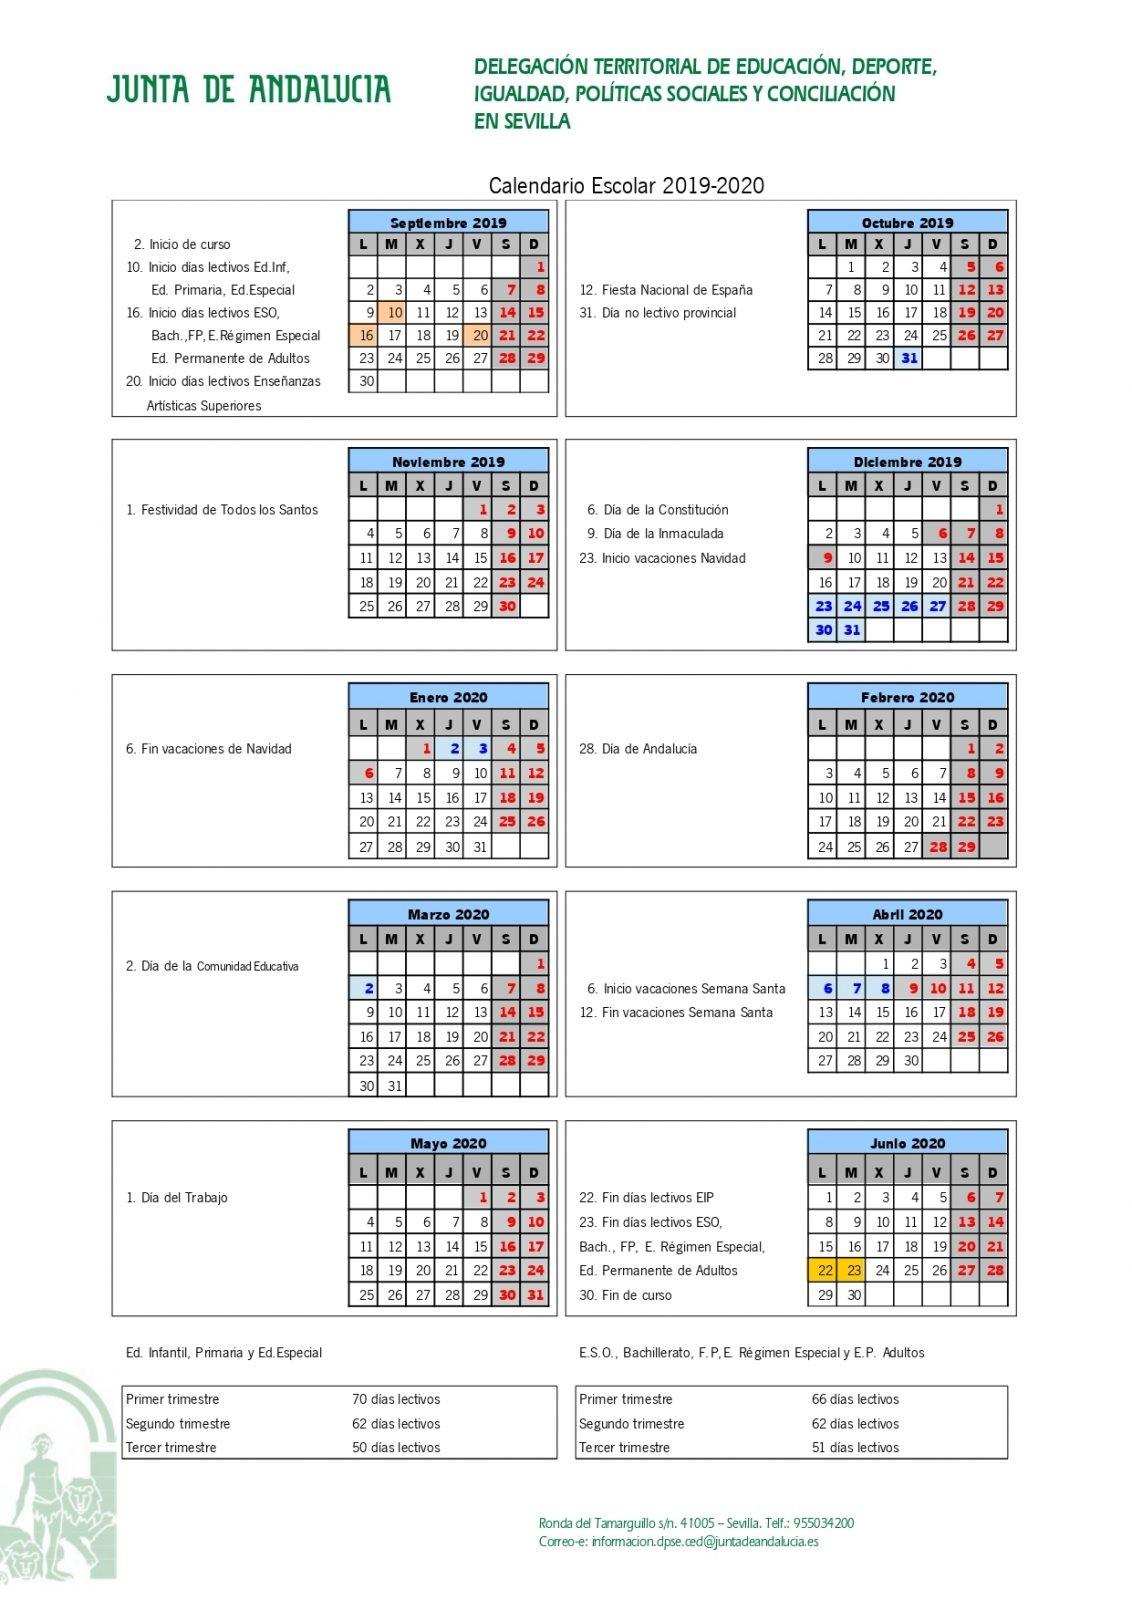 Calendario Escolar 2020 Andalucia.Calendario Escolar Ceip Cervantes Alcala De Guadaira